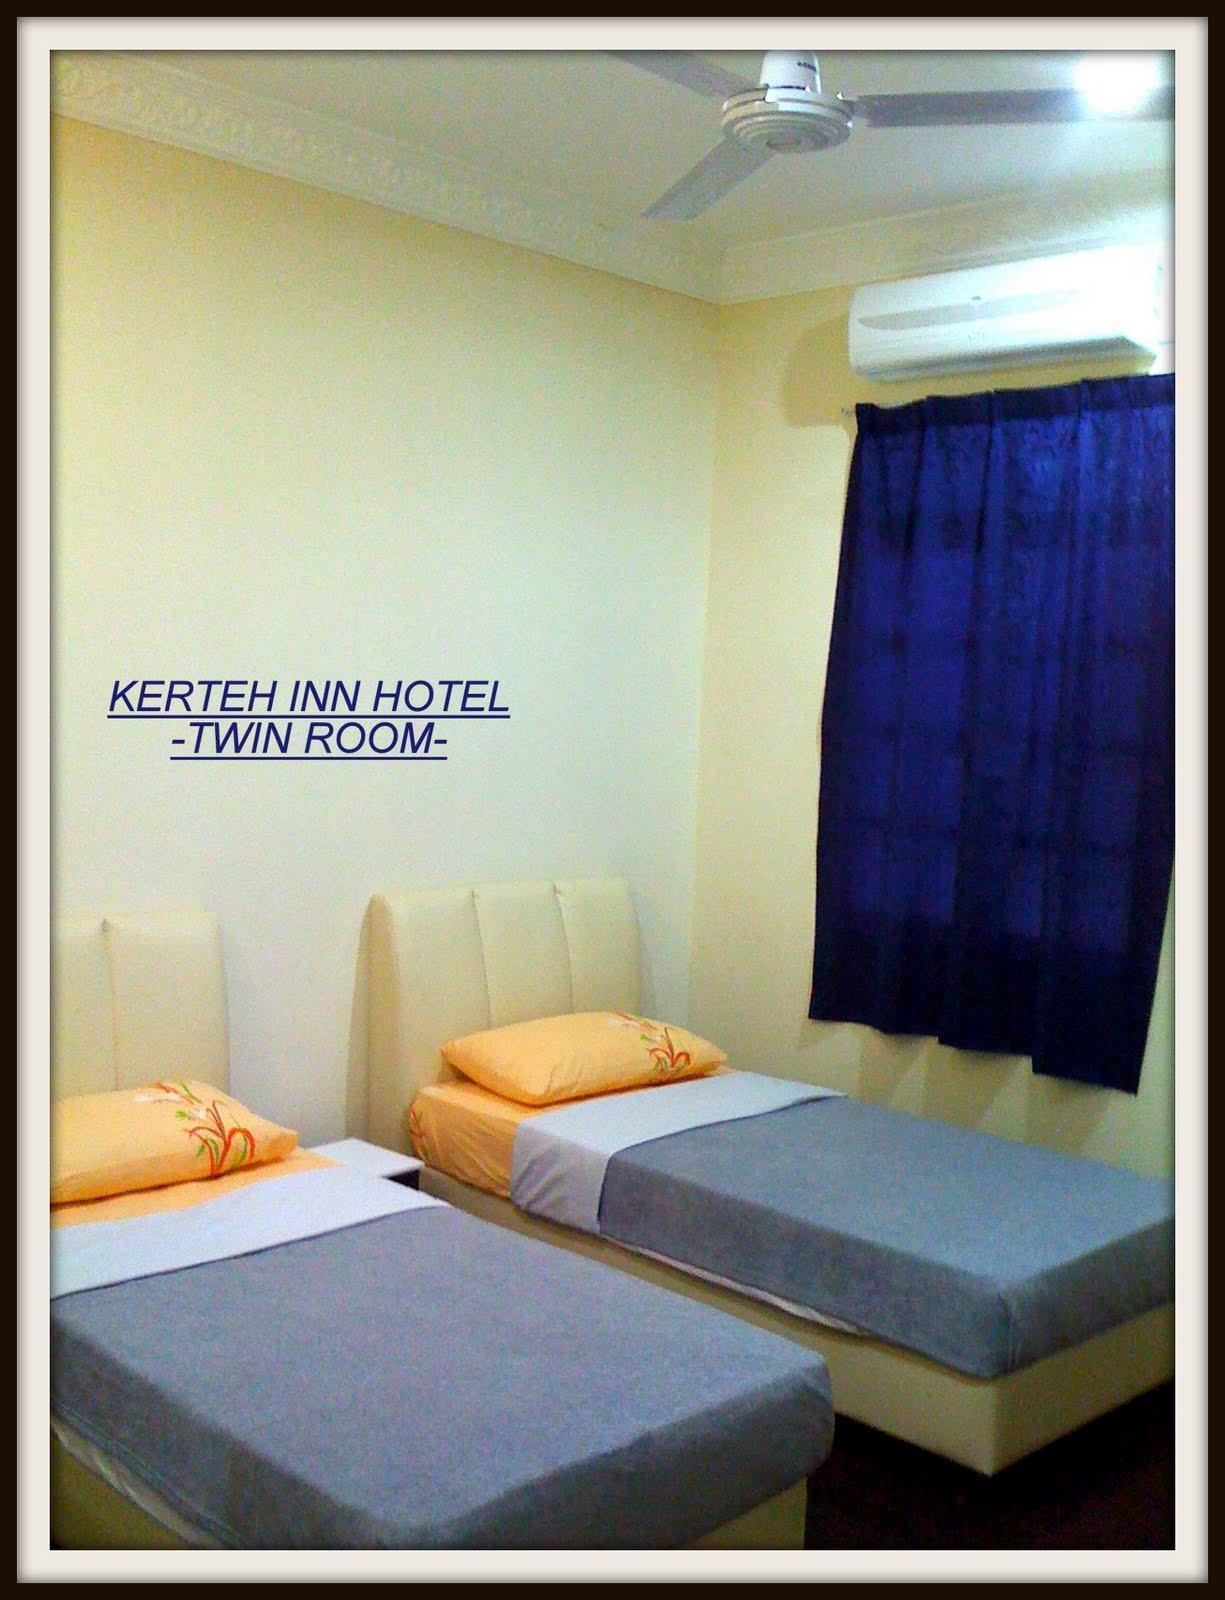 Kerteh Inn Hotel Kerteh Inn Hotel